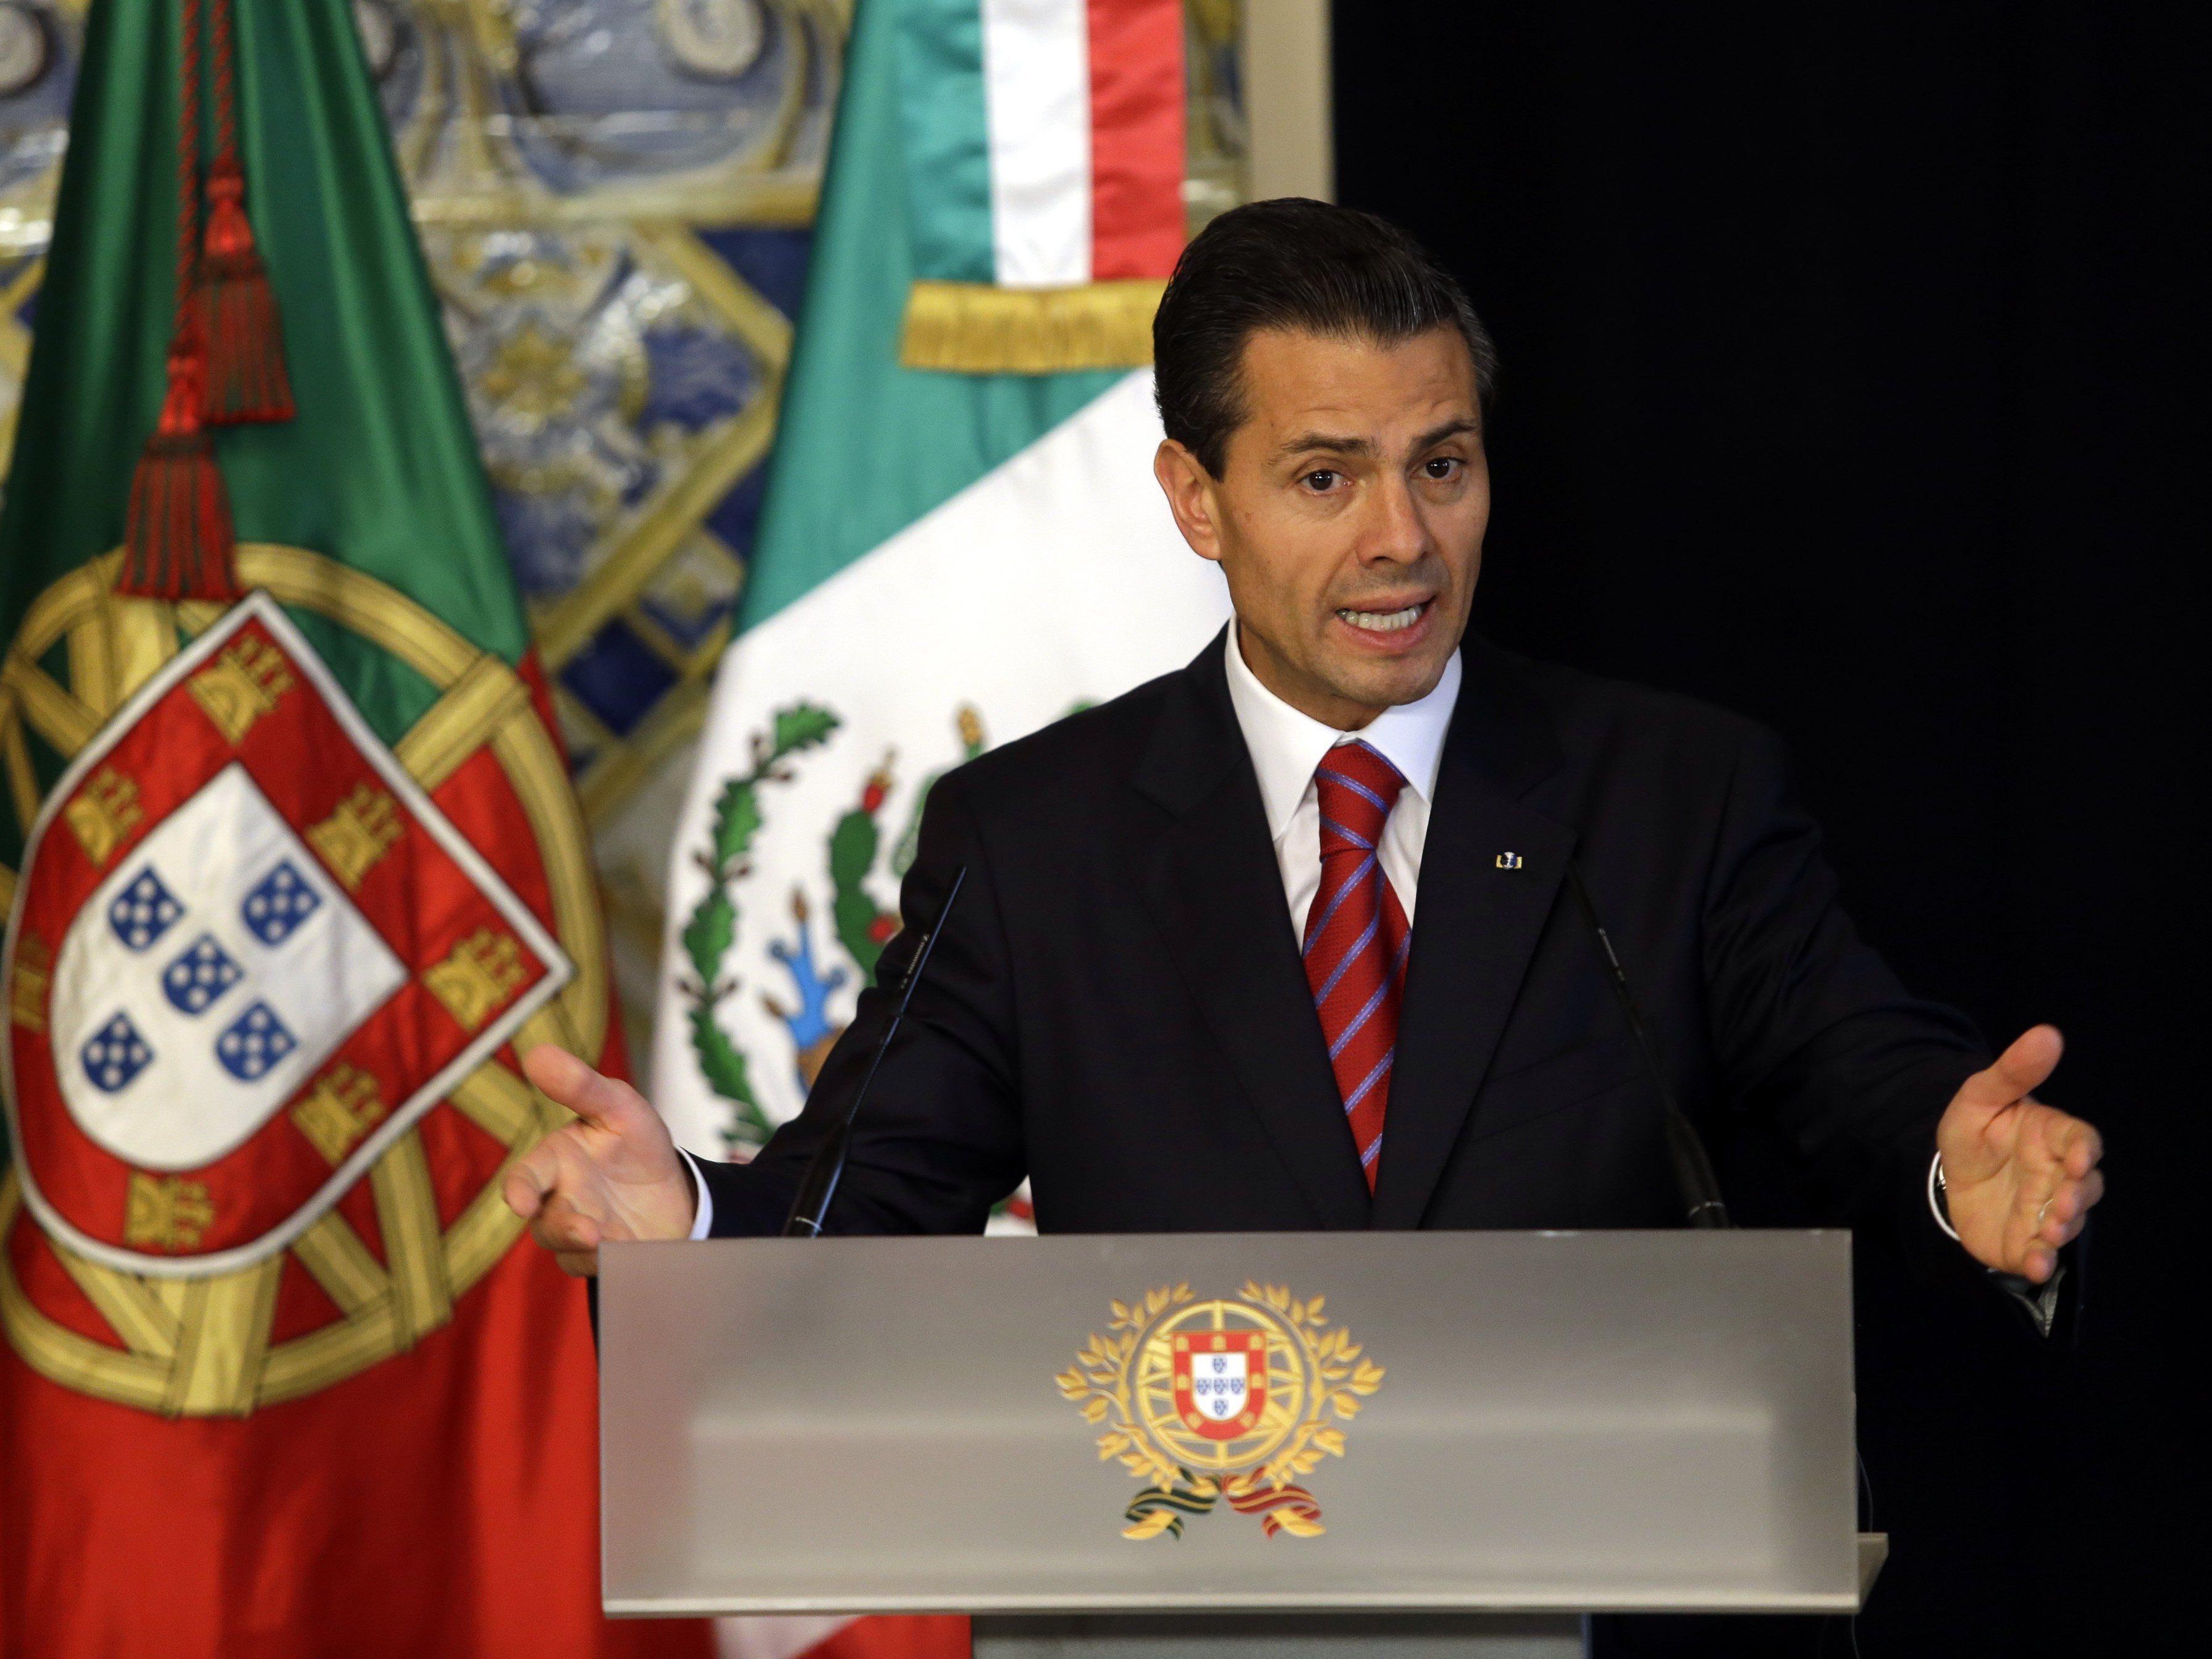 Der Staatschef Enrique Pena Nieto berichtet von weniger Drogenkriminalität.